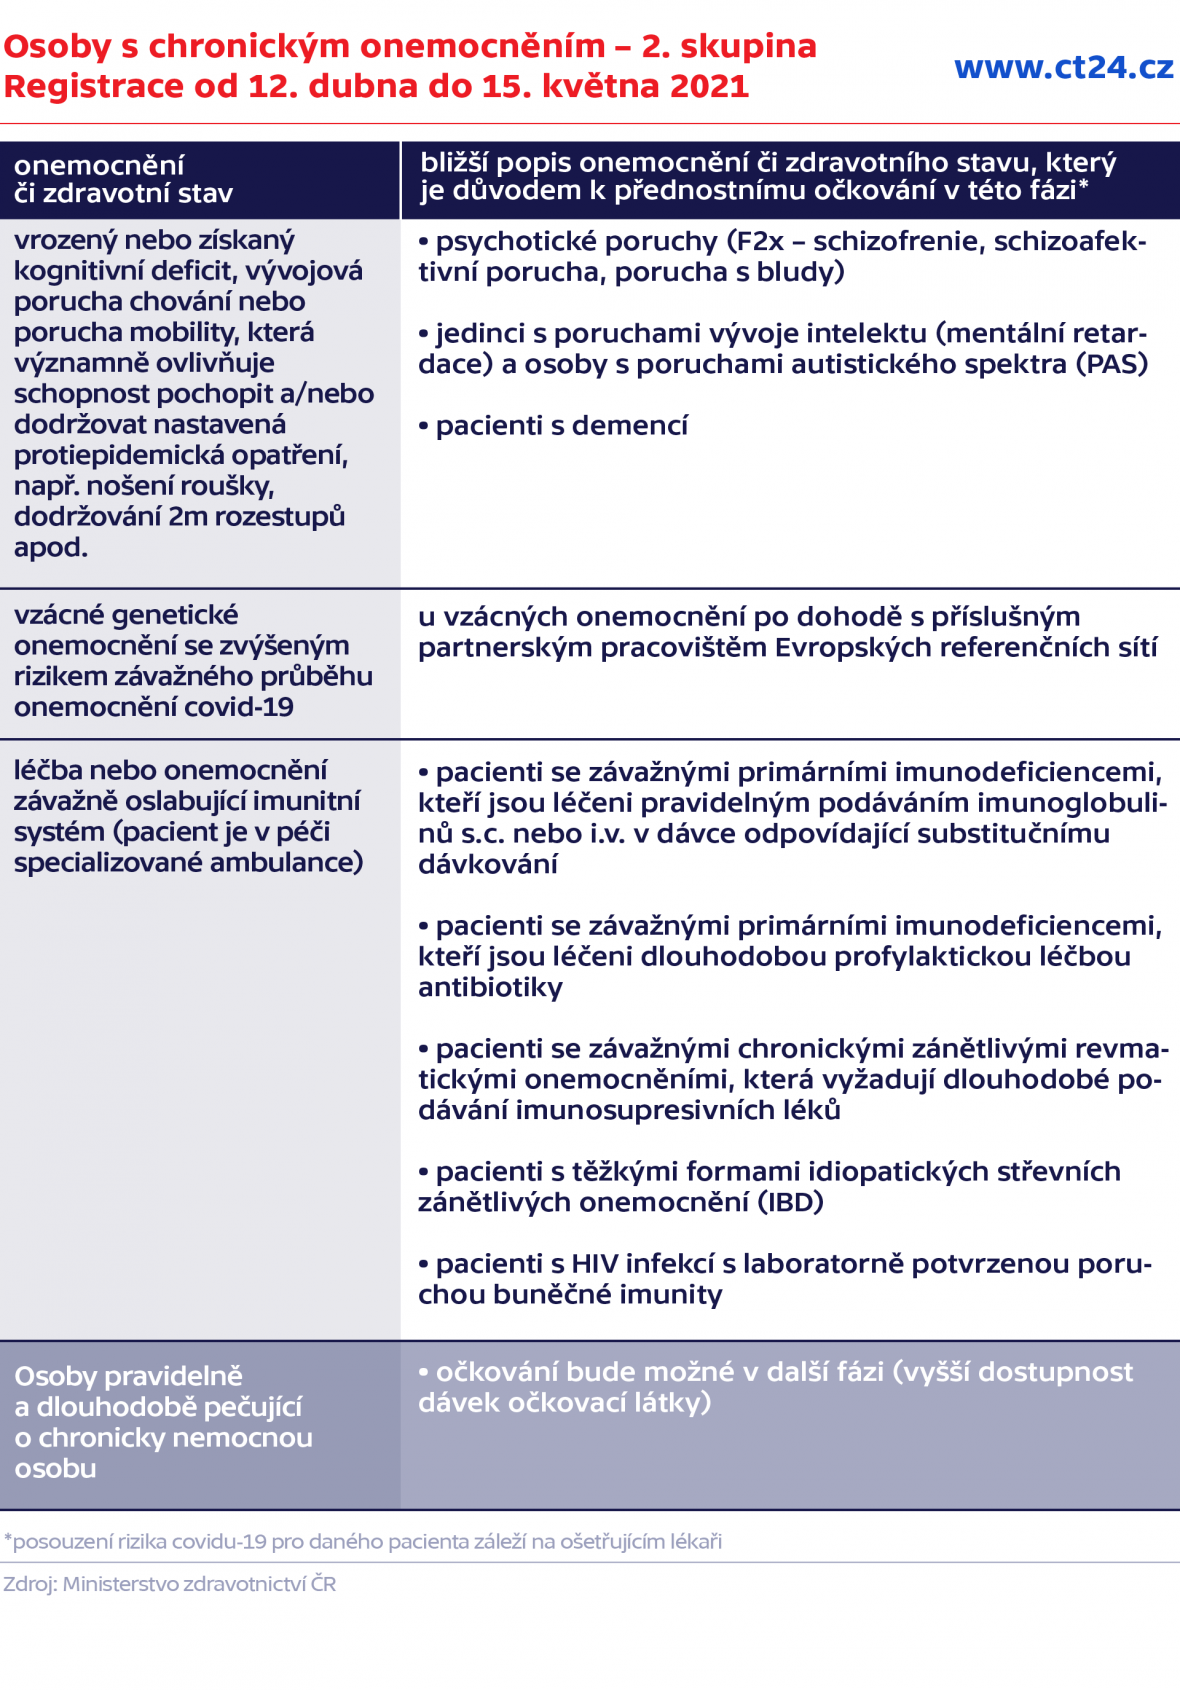 Osoby s chronickým onemocněním – 2. skupina Registrace od 12. dubna do 15. května 2021